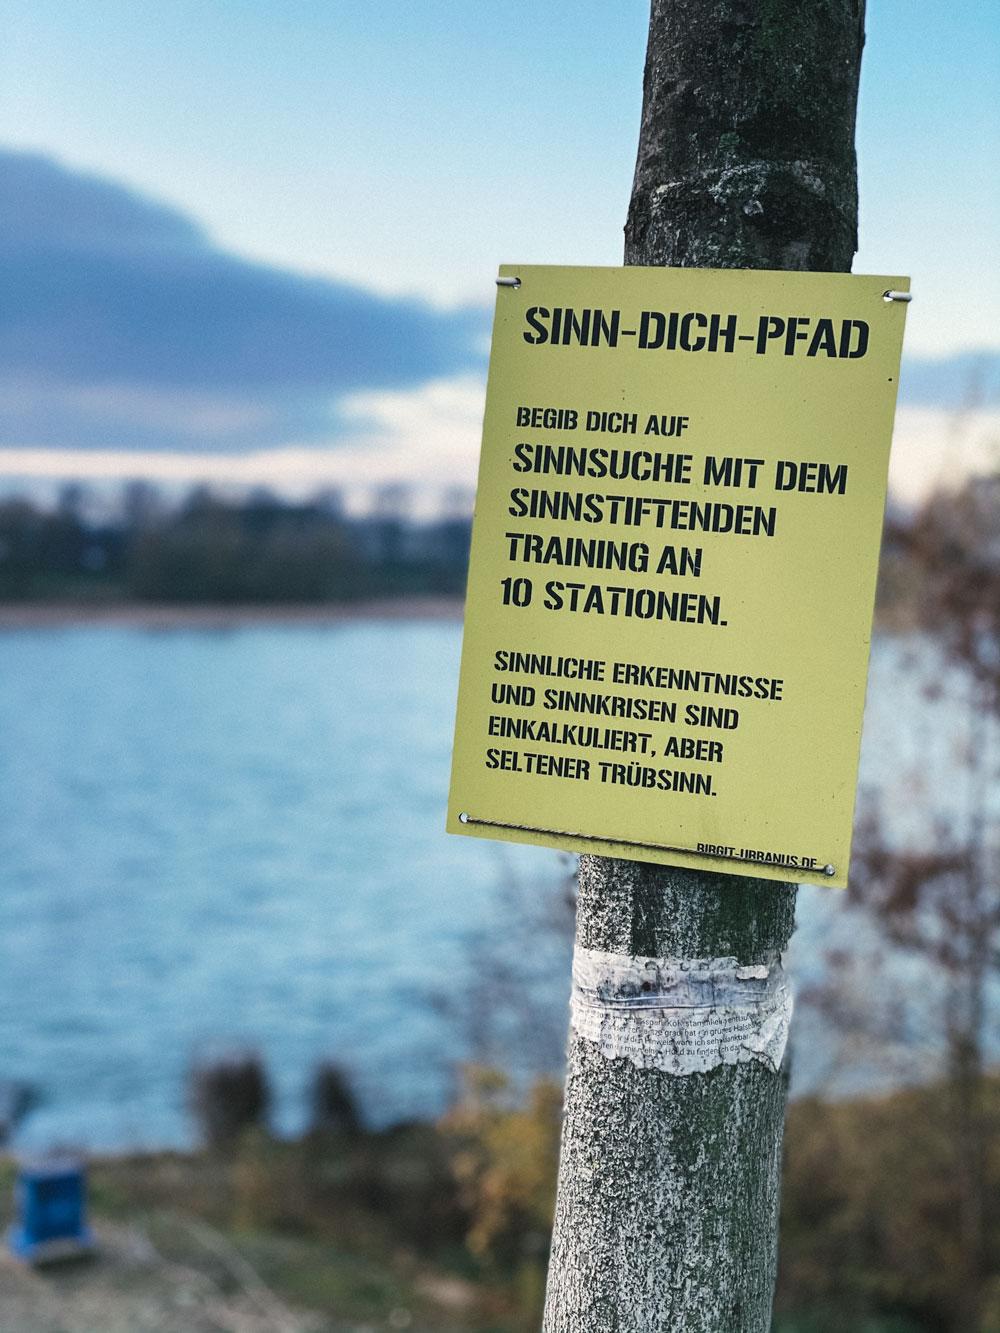 Schlosspark Stammheim - Sinn-dich-Pfad - Walk and Wonder